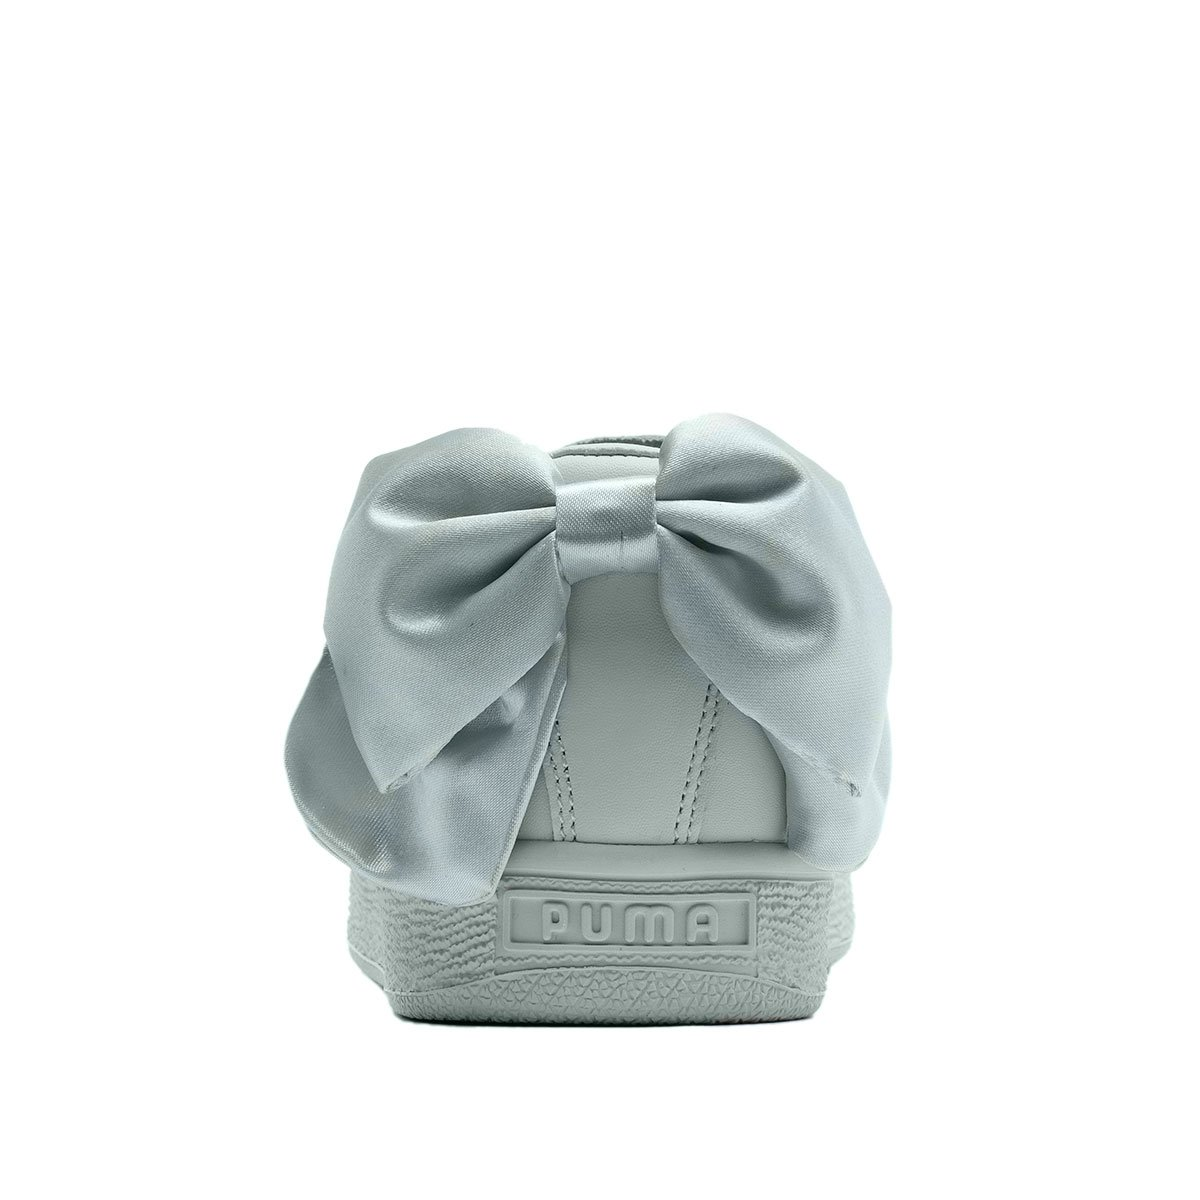 Puma Basket Bow